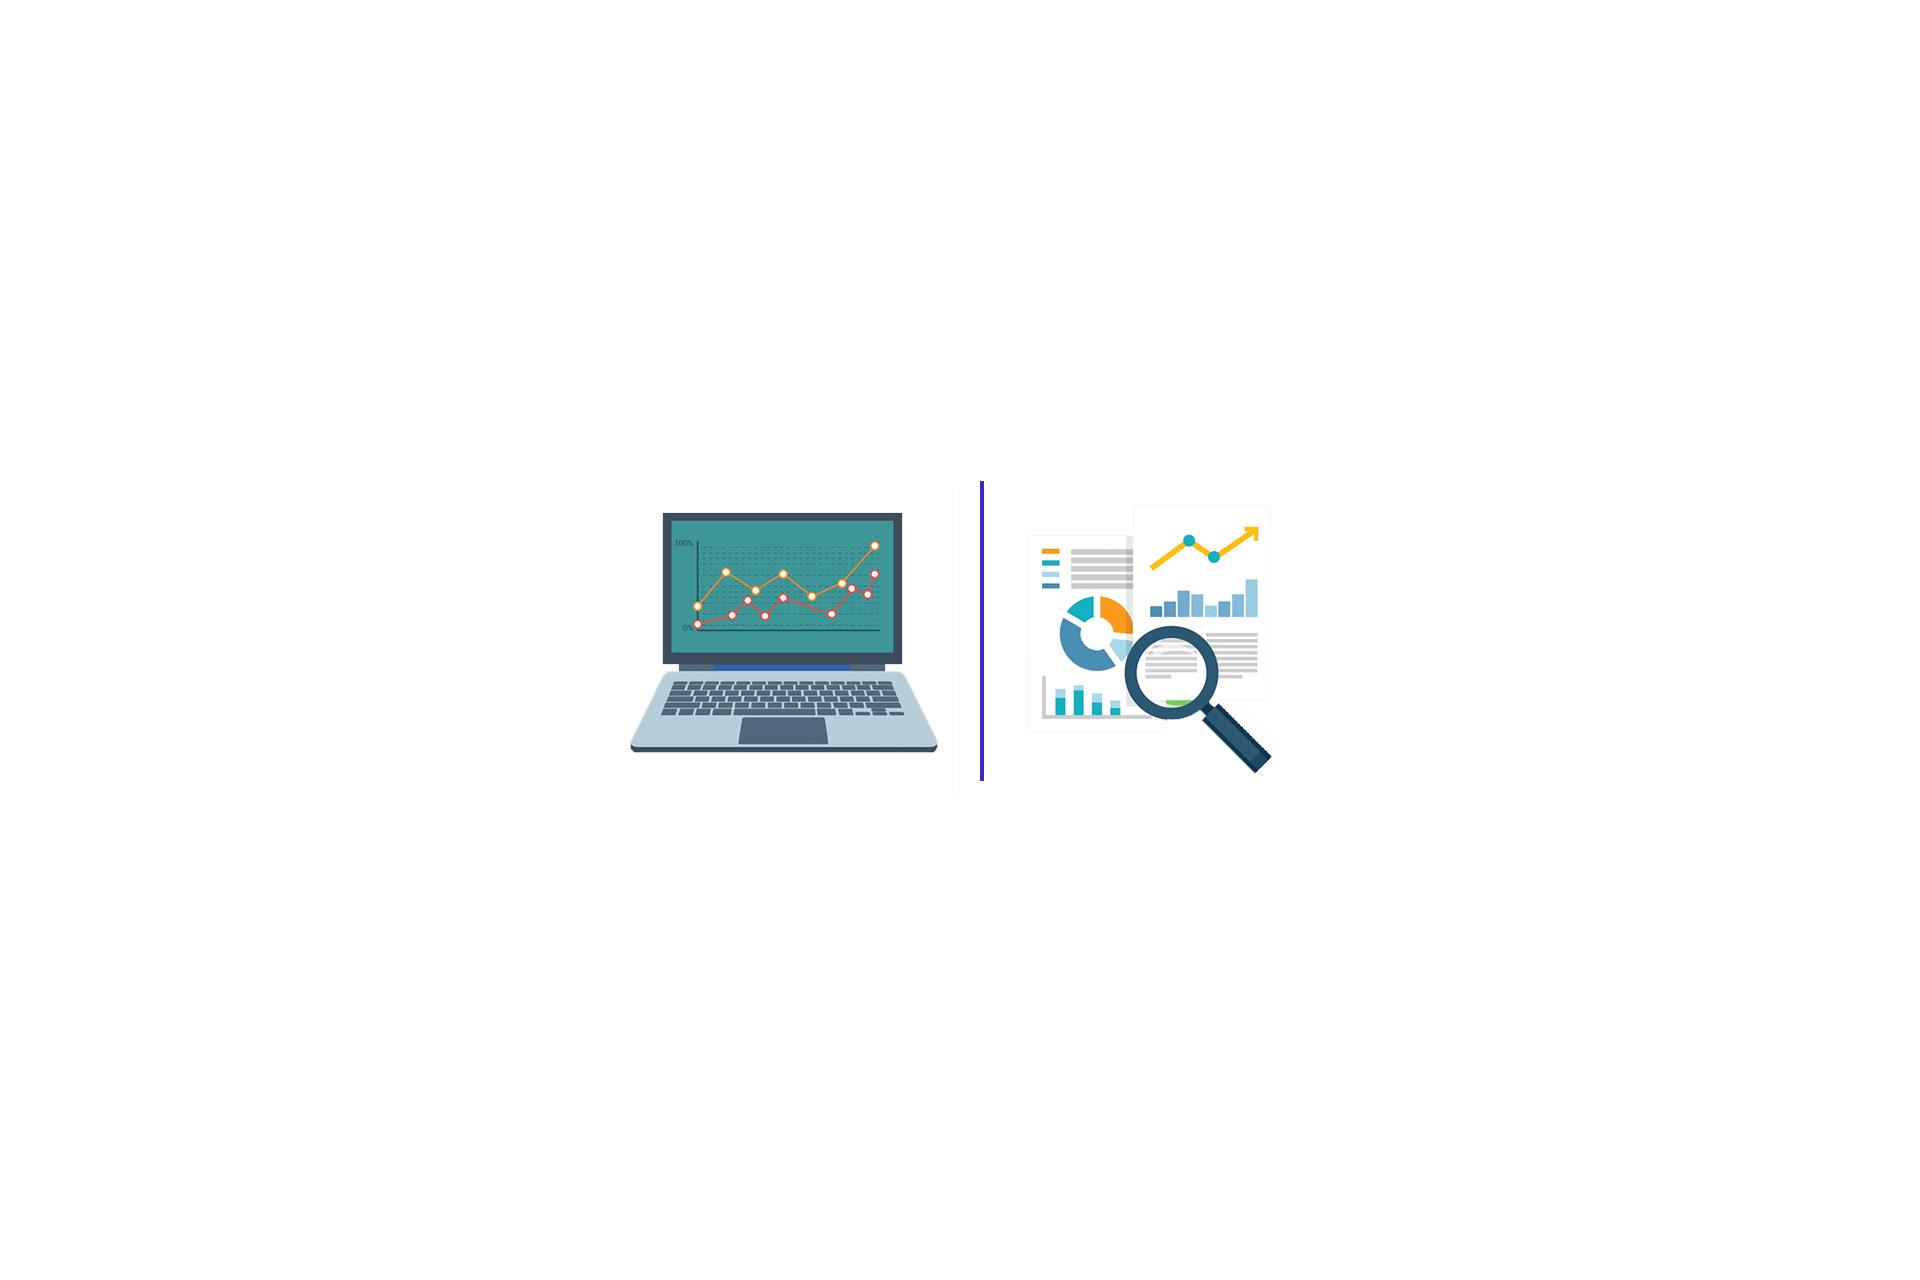 تحلیل تکنیکال و بنیادی – کدام یک بهتر است؟